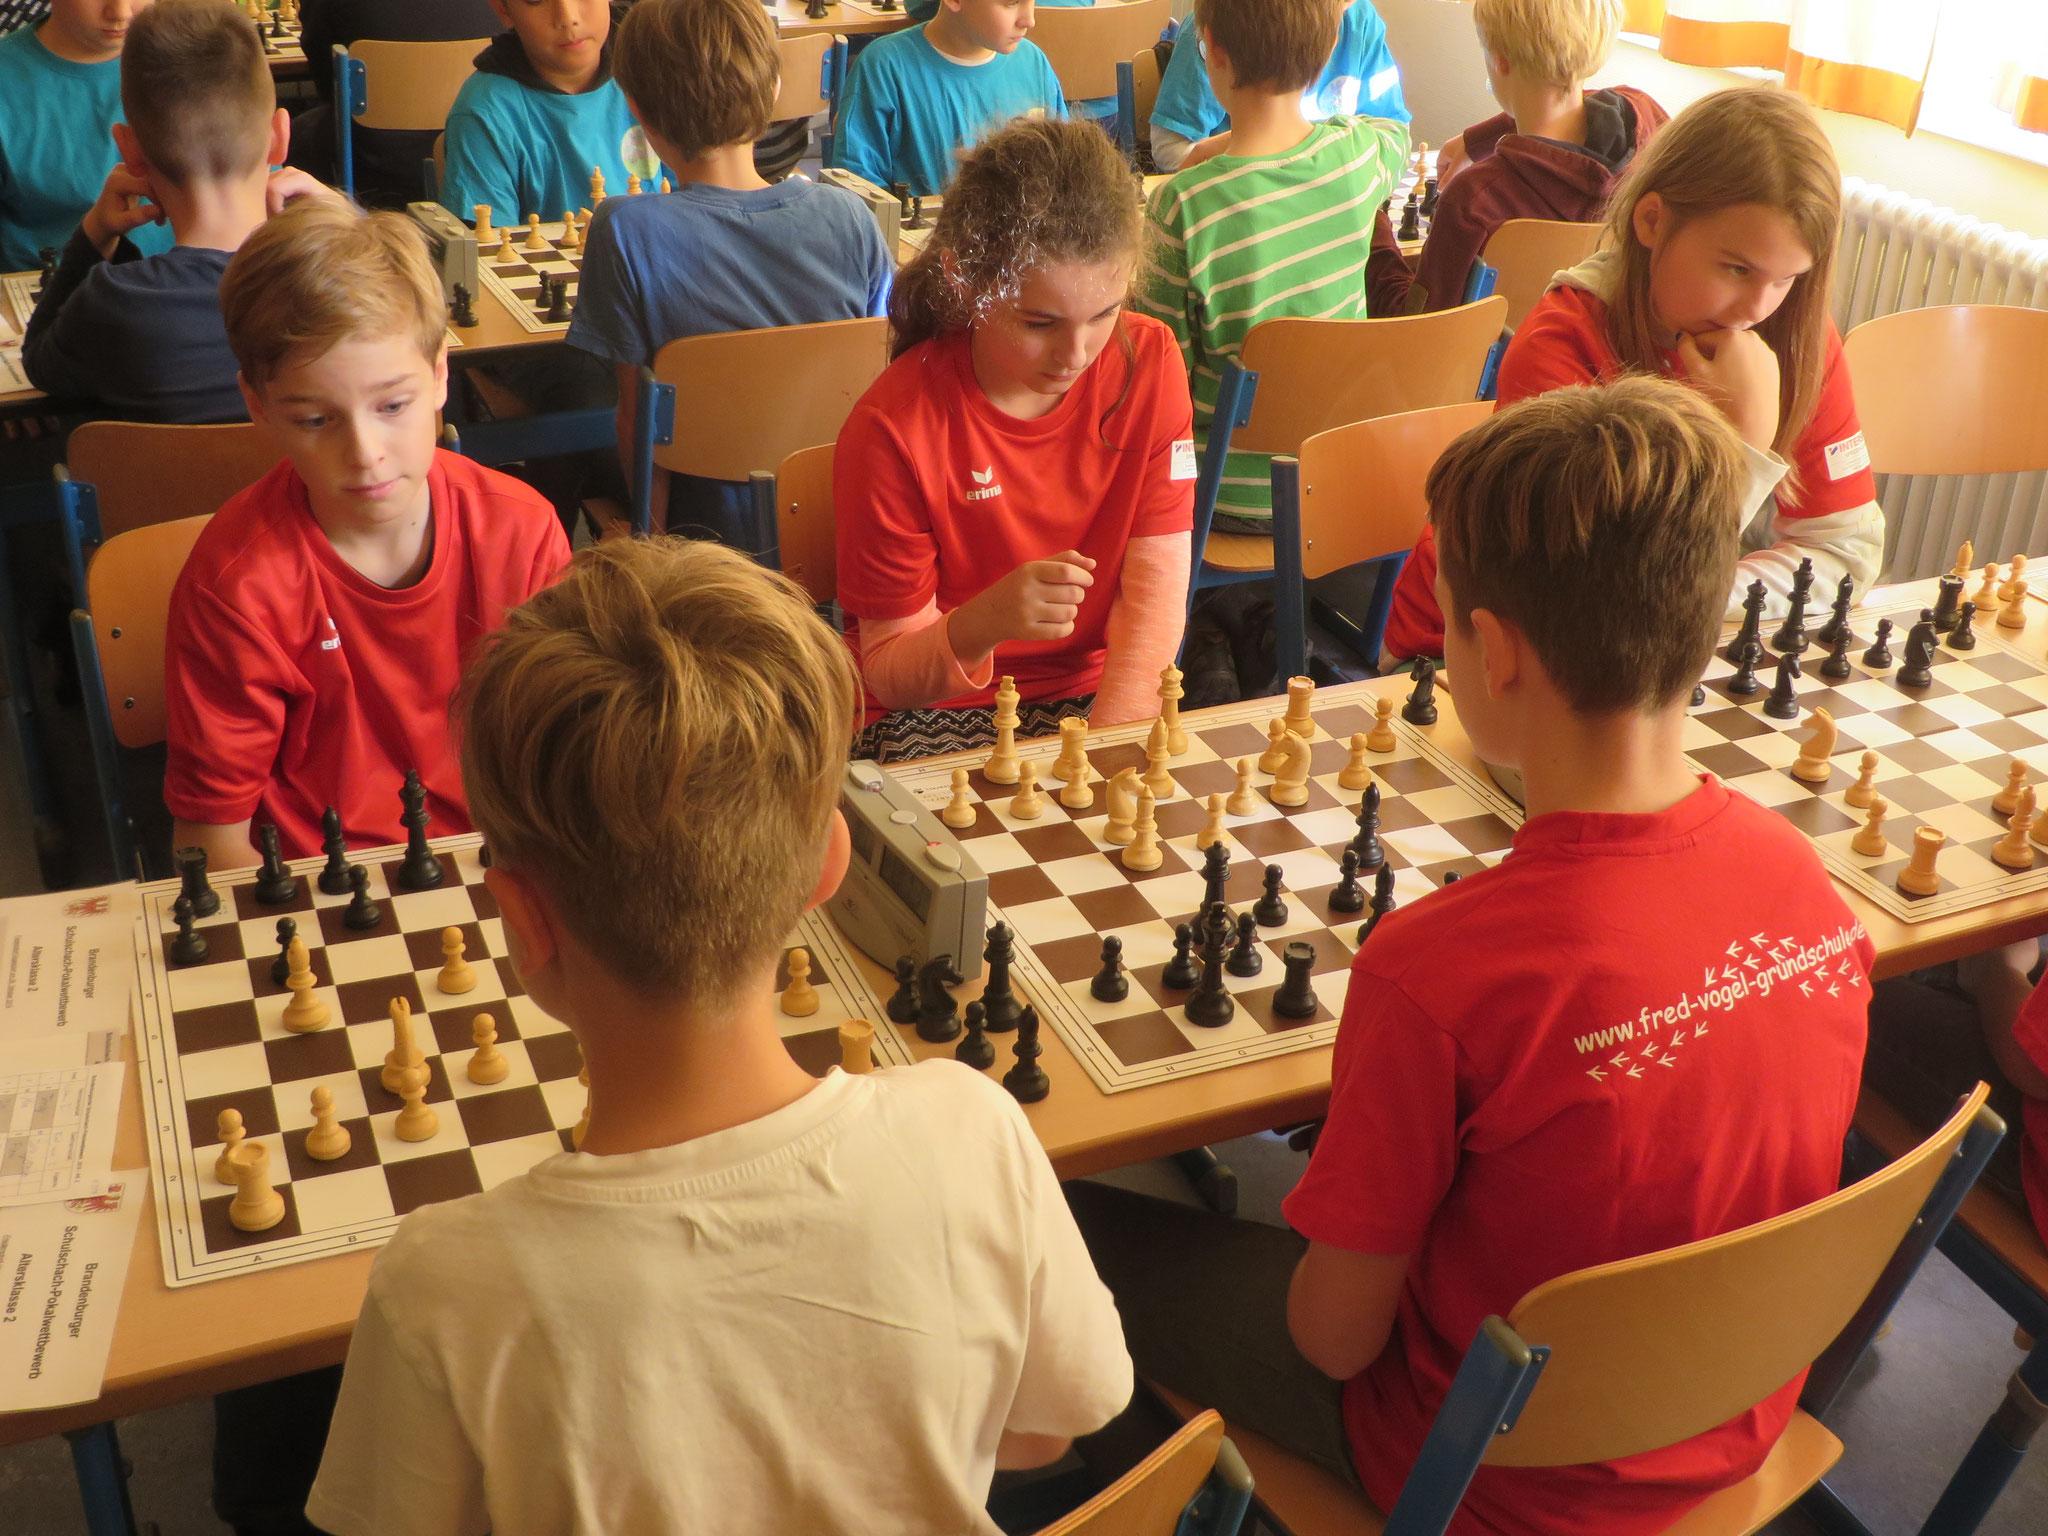 AK 2 : Das Team der Werner-Seelenbinder-GS II in Runde 3 mit Tony (Brett 1) , Mia (Brett 2) und Zoe (Brett 3) ohne Leon (Brett 4) , der kampflos gewann in der Runde